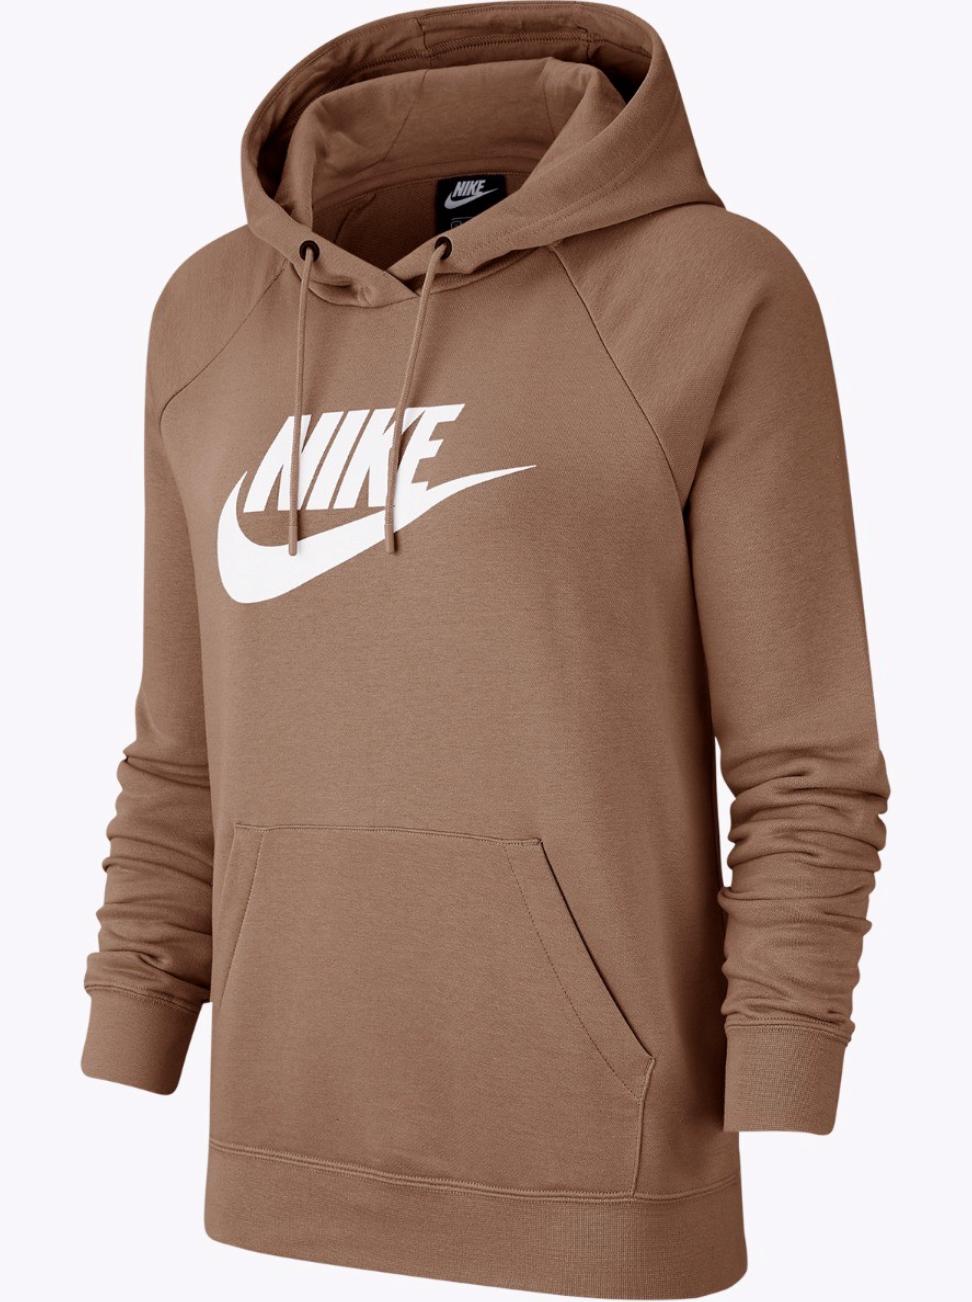 Bilde av Nike w nsw essntl po dsrtdt/white BV4126-283